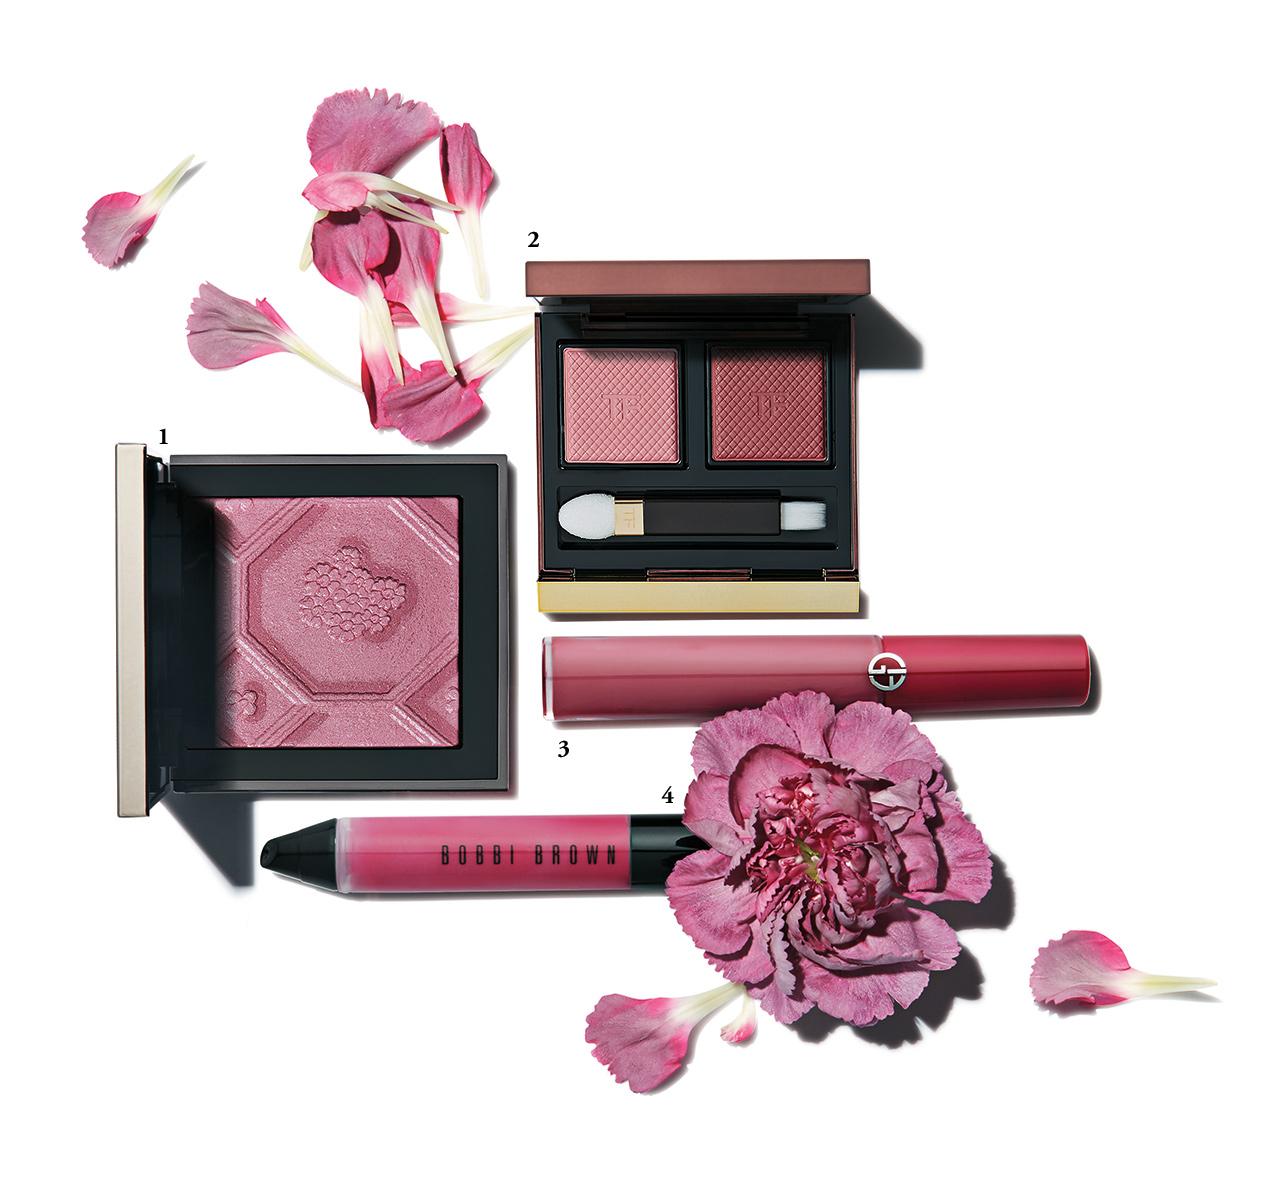 말린 장미 꽃잎을 닮은 핑크로 로맨틱한 기운을 담아볼 것.